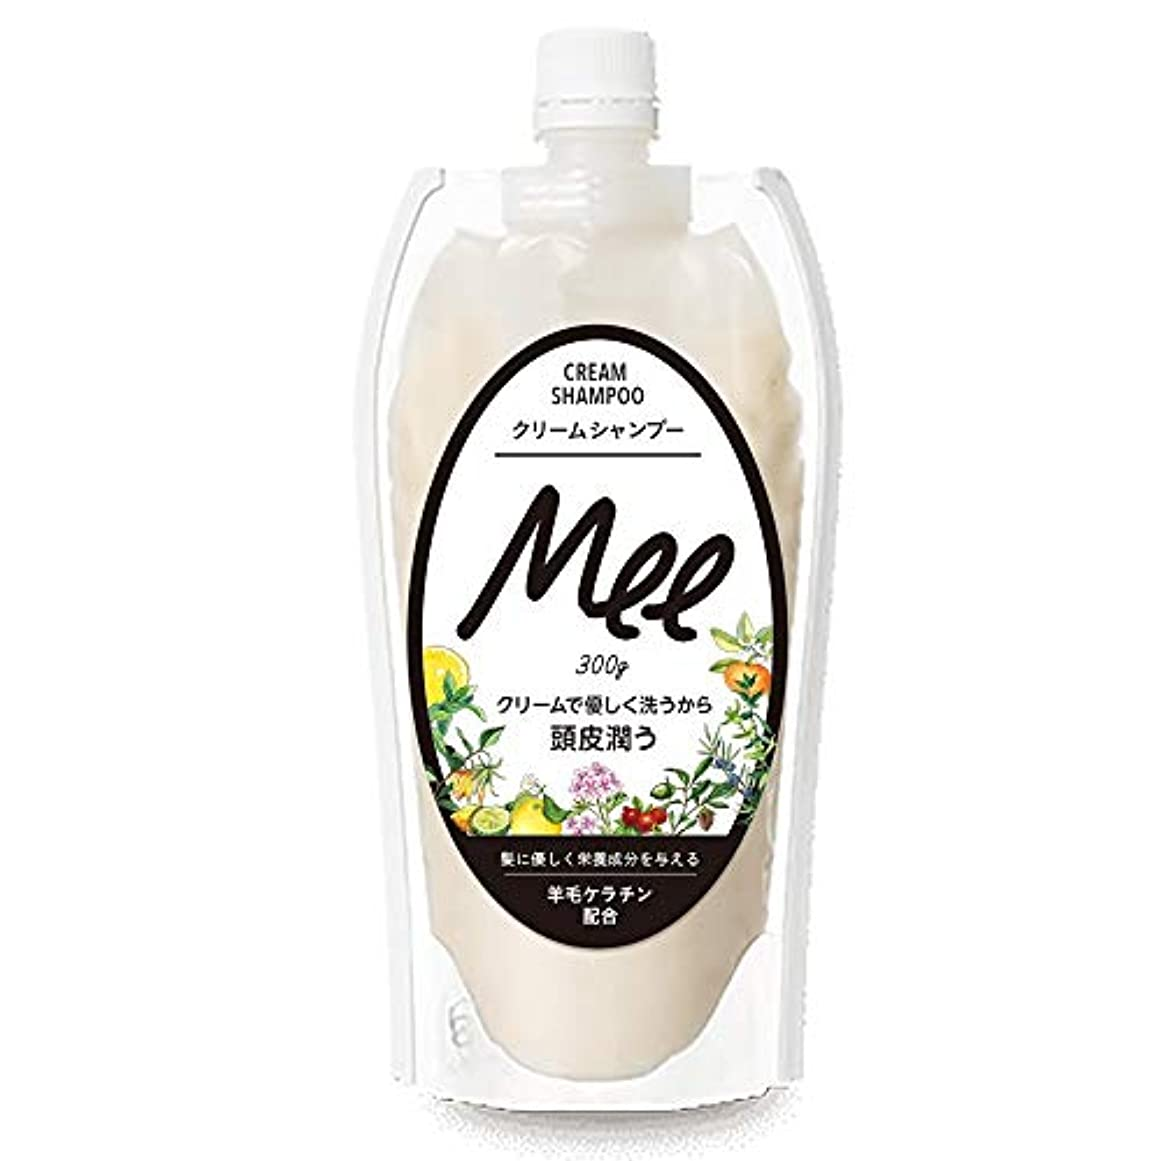 いうサーバント音声洗えるヘアトリートメント Mee 300g クリームシャンプー 皮脂 乾燥肌 ダメージケア 大容量 時短